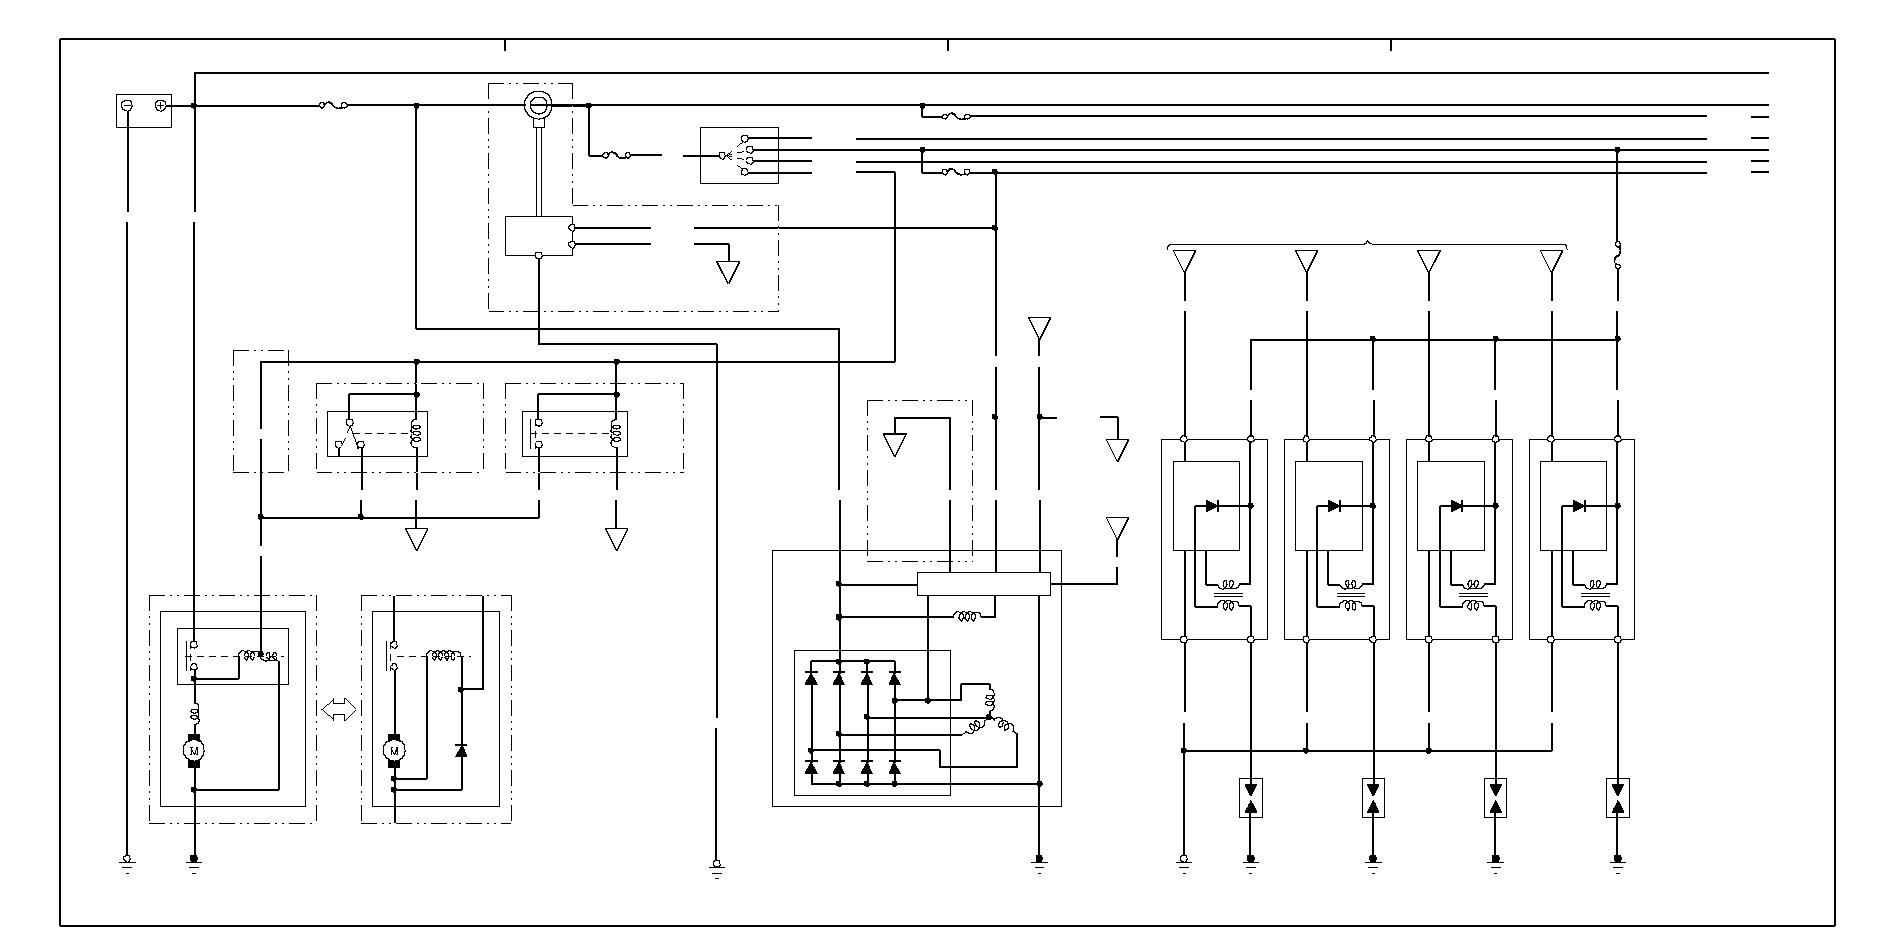 Siga Sb Wiring Diagram